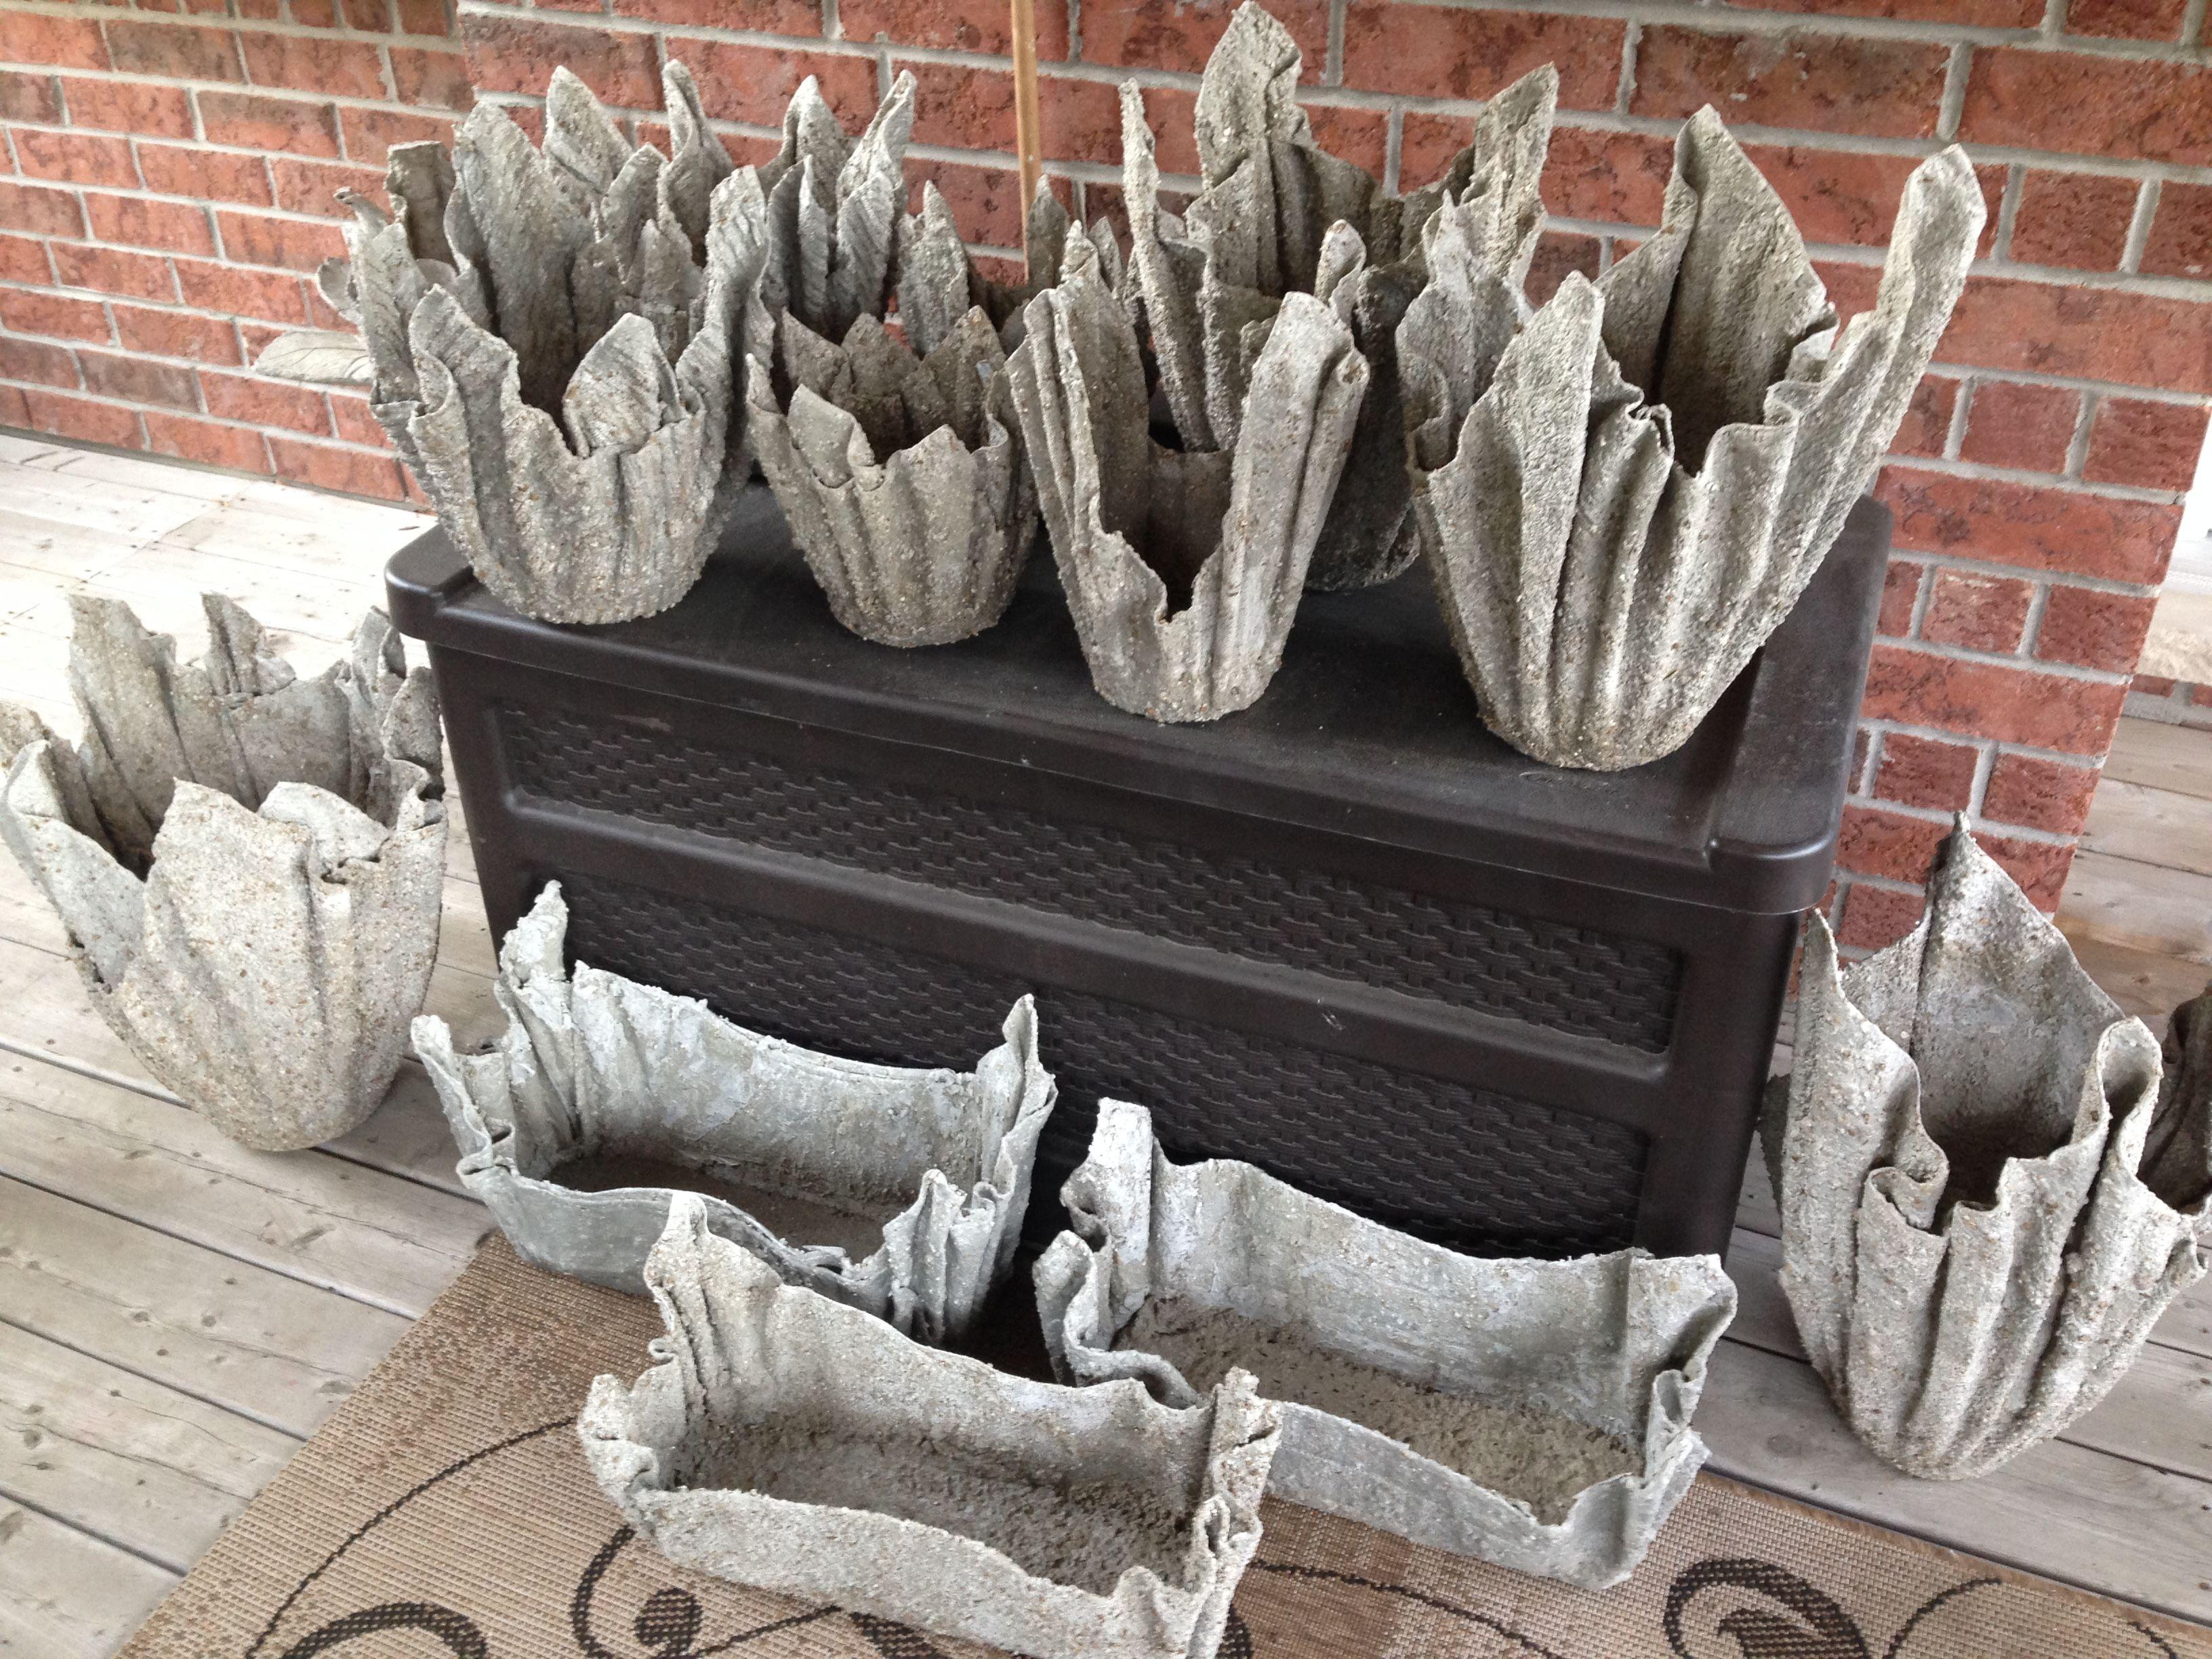 Pääsiäisruoholle!  Latest creations, hypertufa planters using old household towels